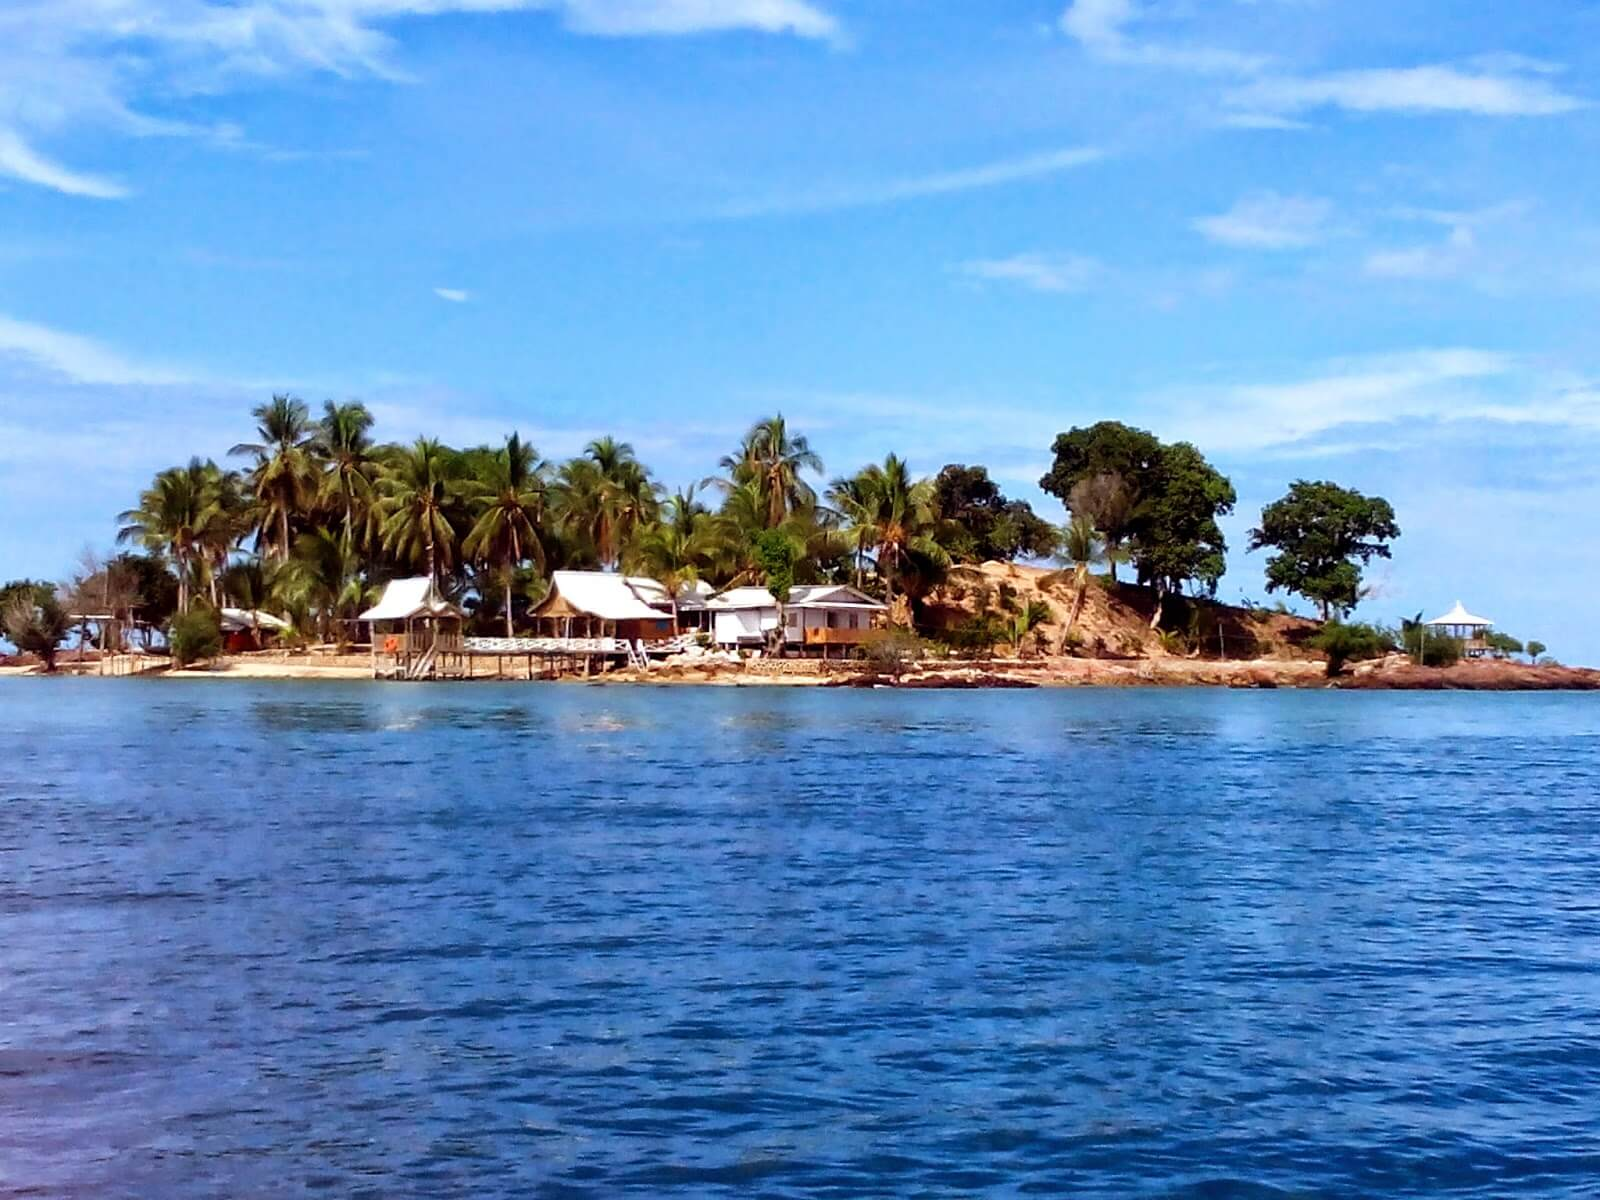 Pulau Hantu Island in Singapore